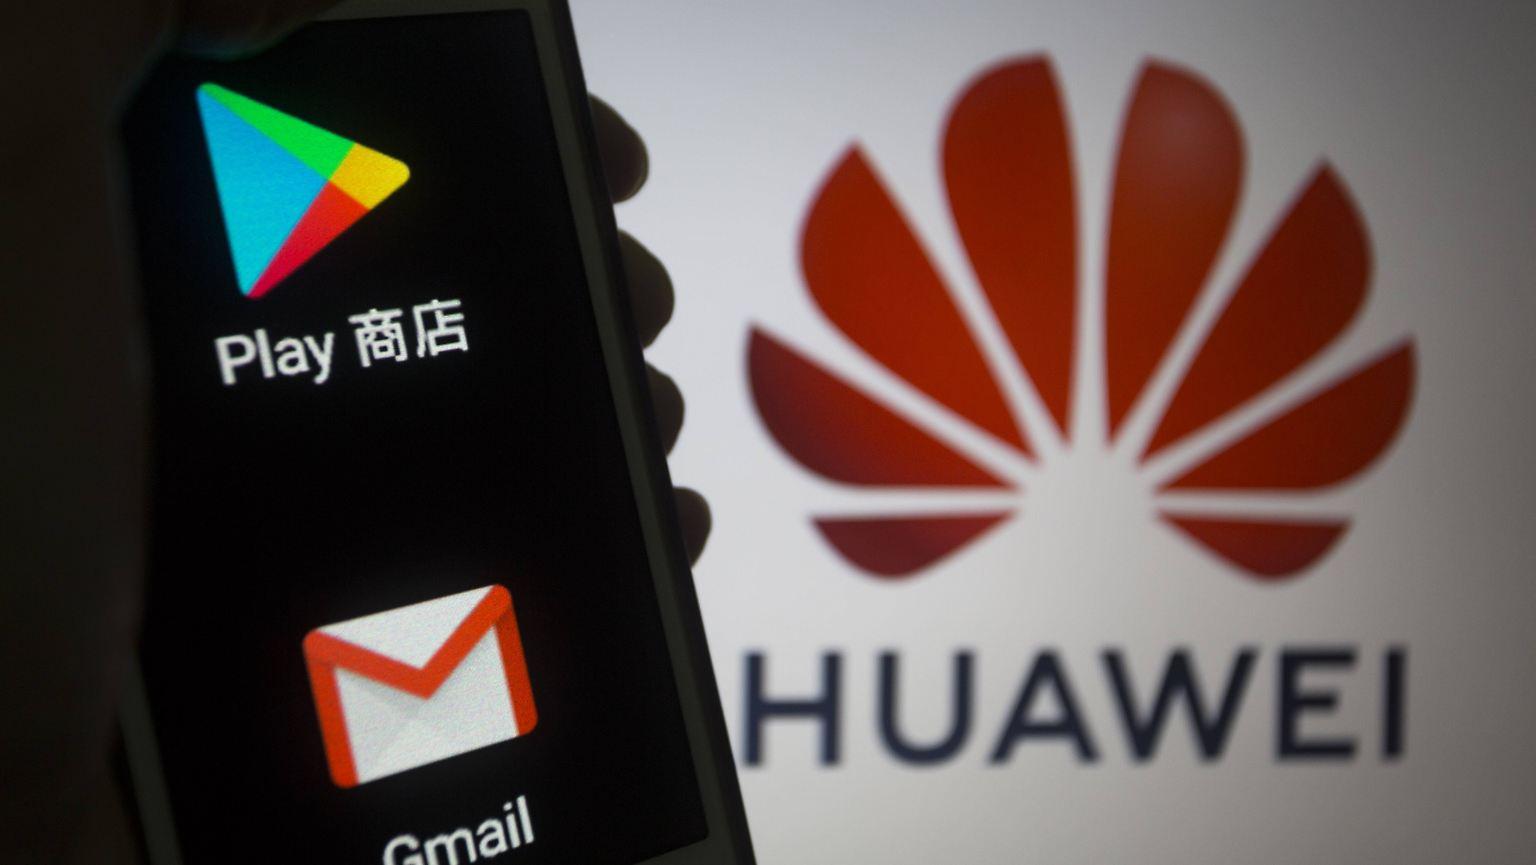 Huawei hintergrund verschieben